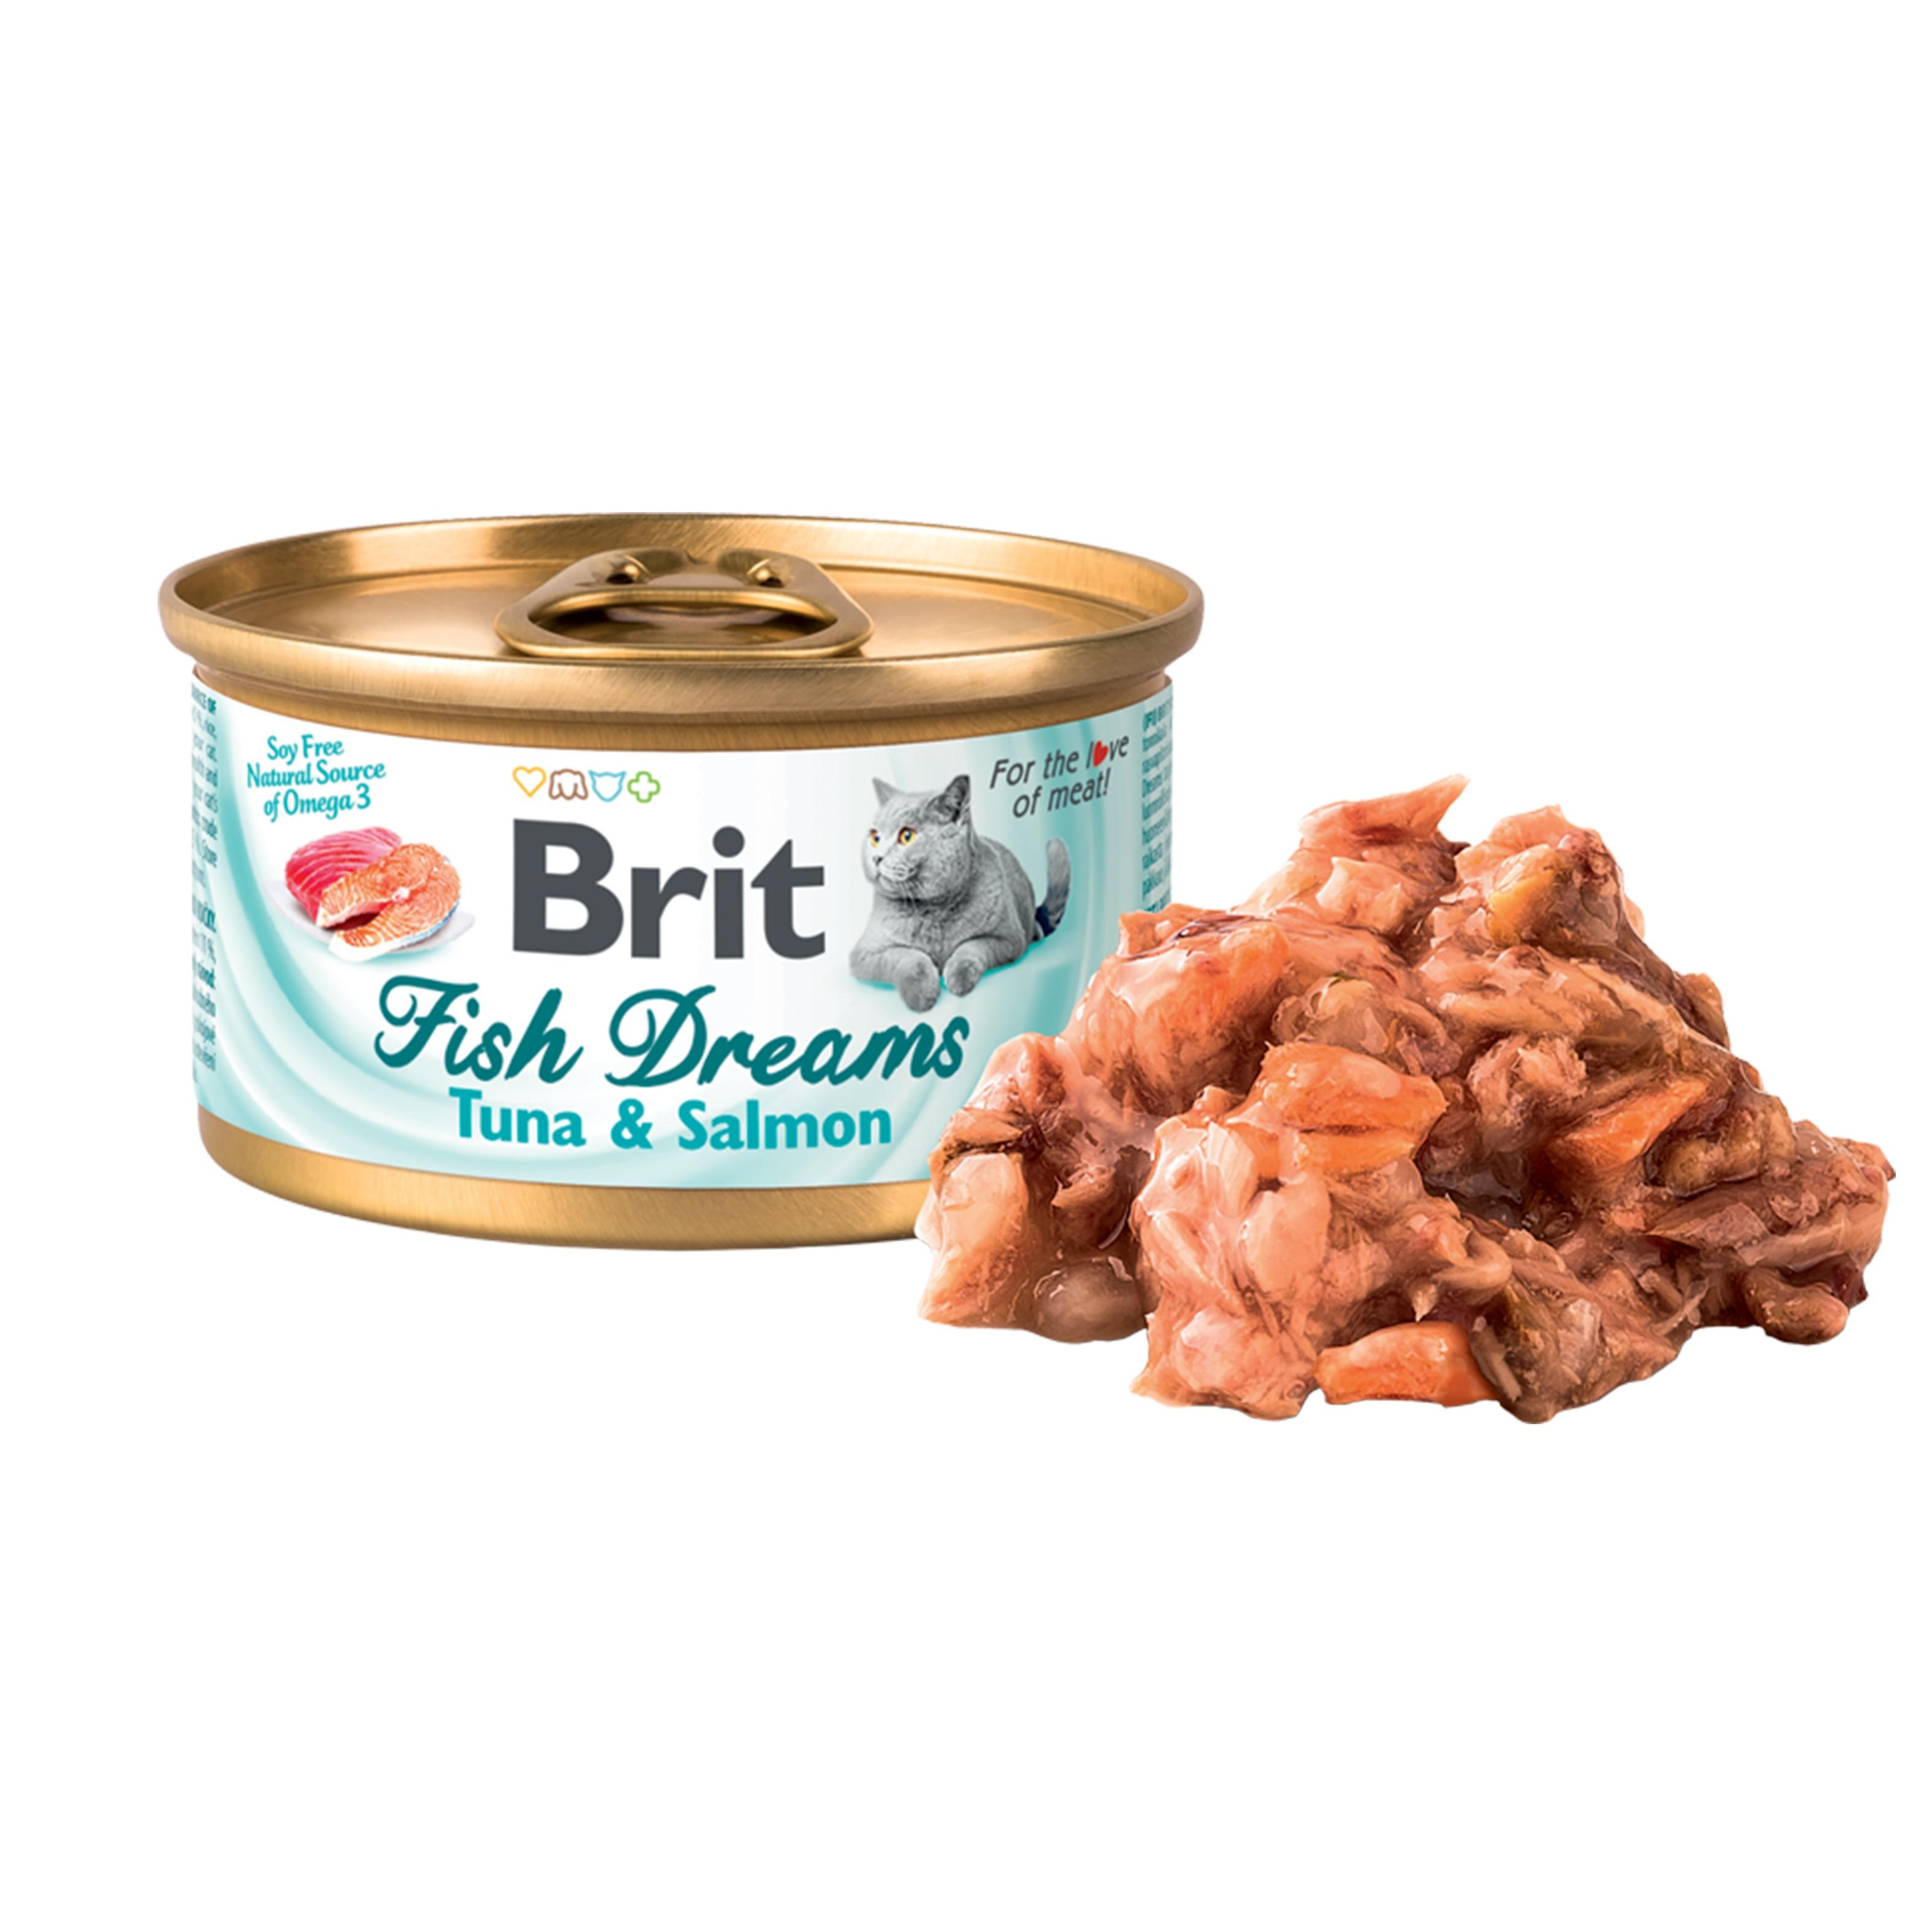 Brit Fish Dreams Tuna and Salmon, 80 g imagine